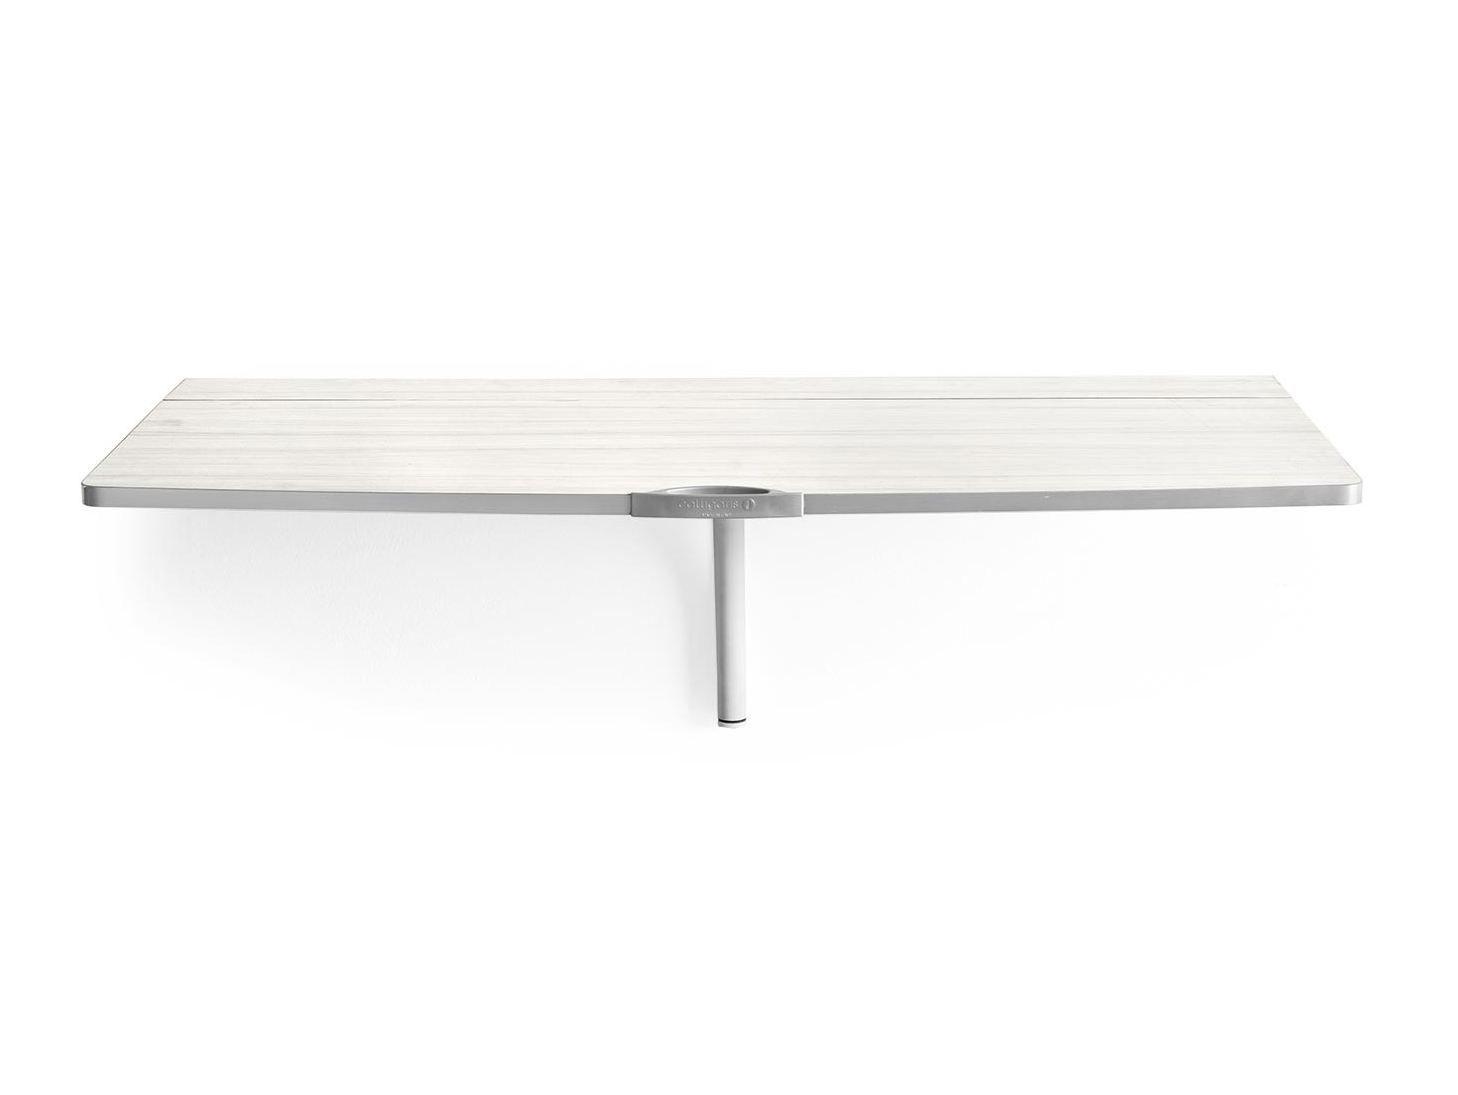 Tavolo pieghevole a muro tavolo a muro pieghevole olivia - Tavolo richiudibile a muro ...